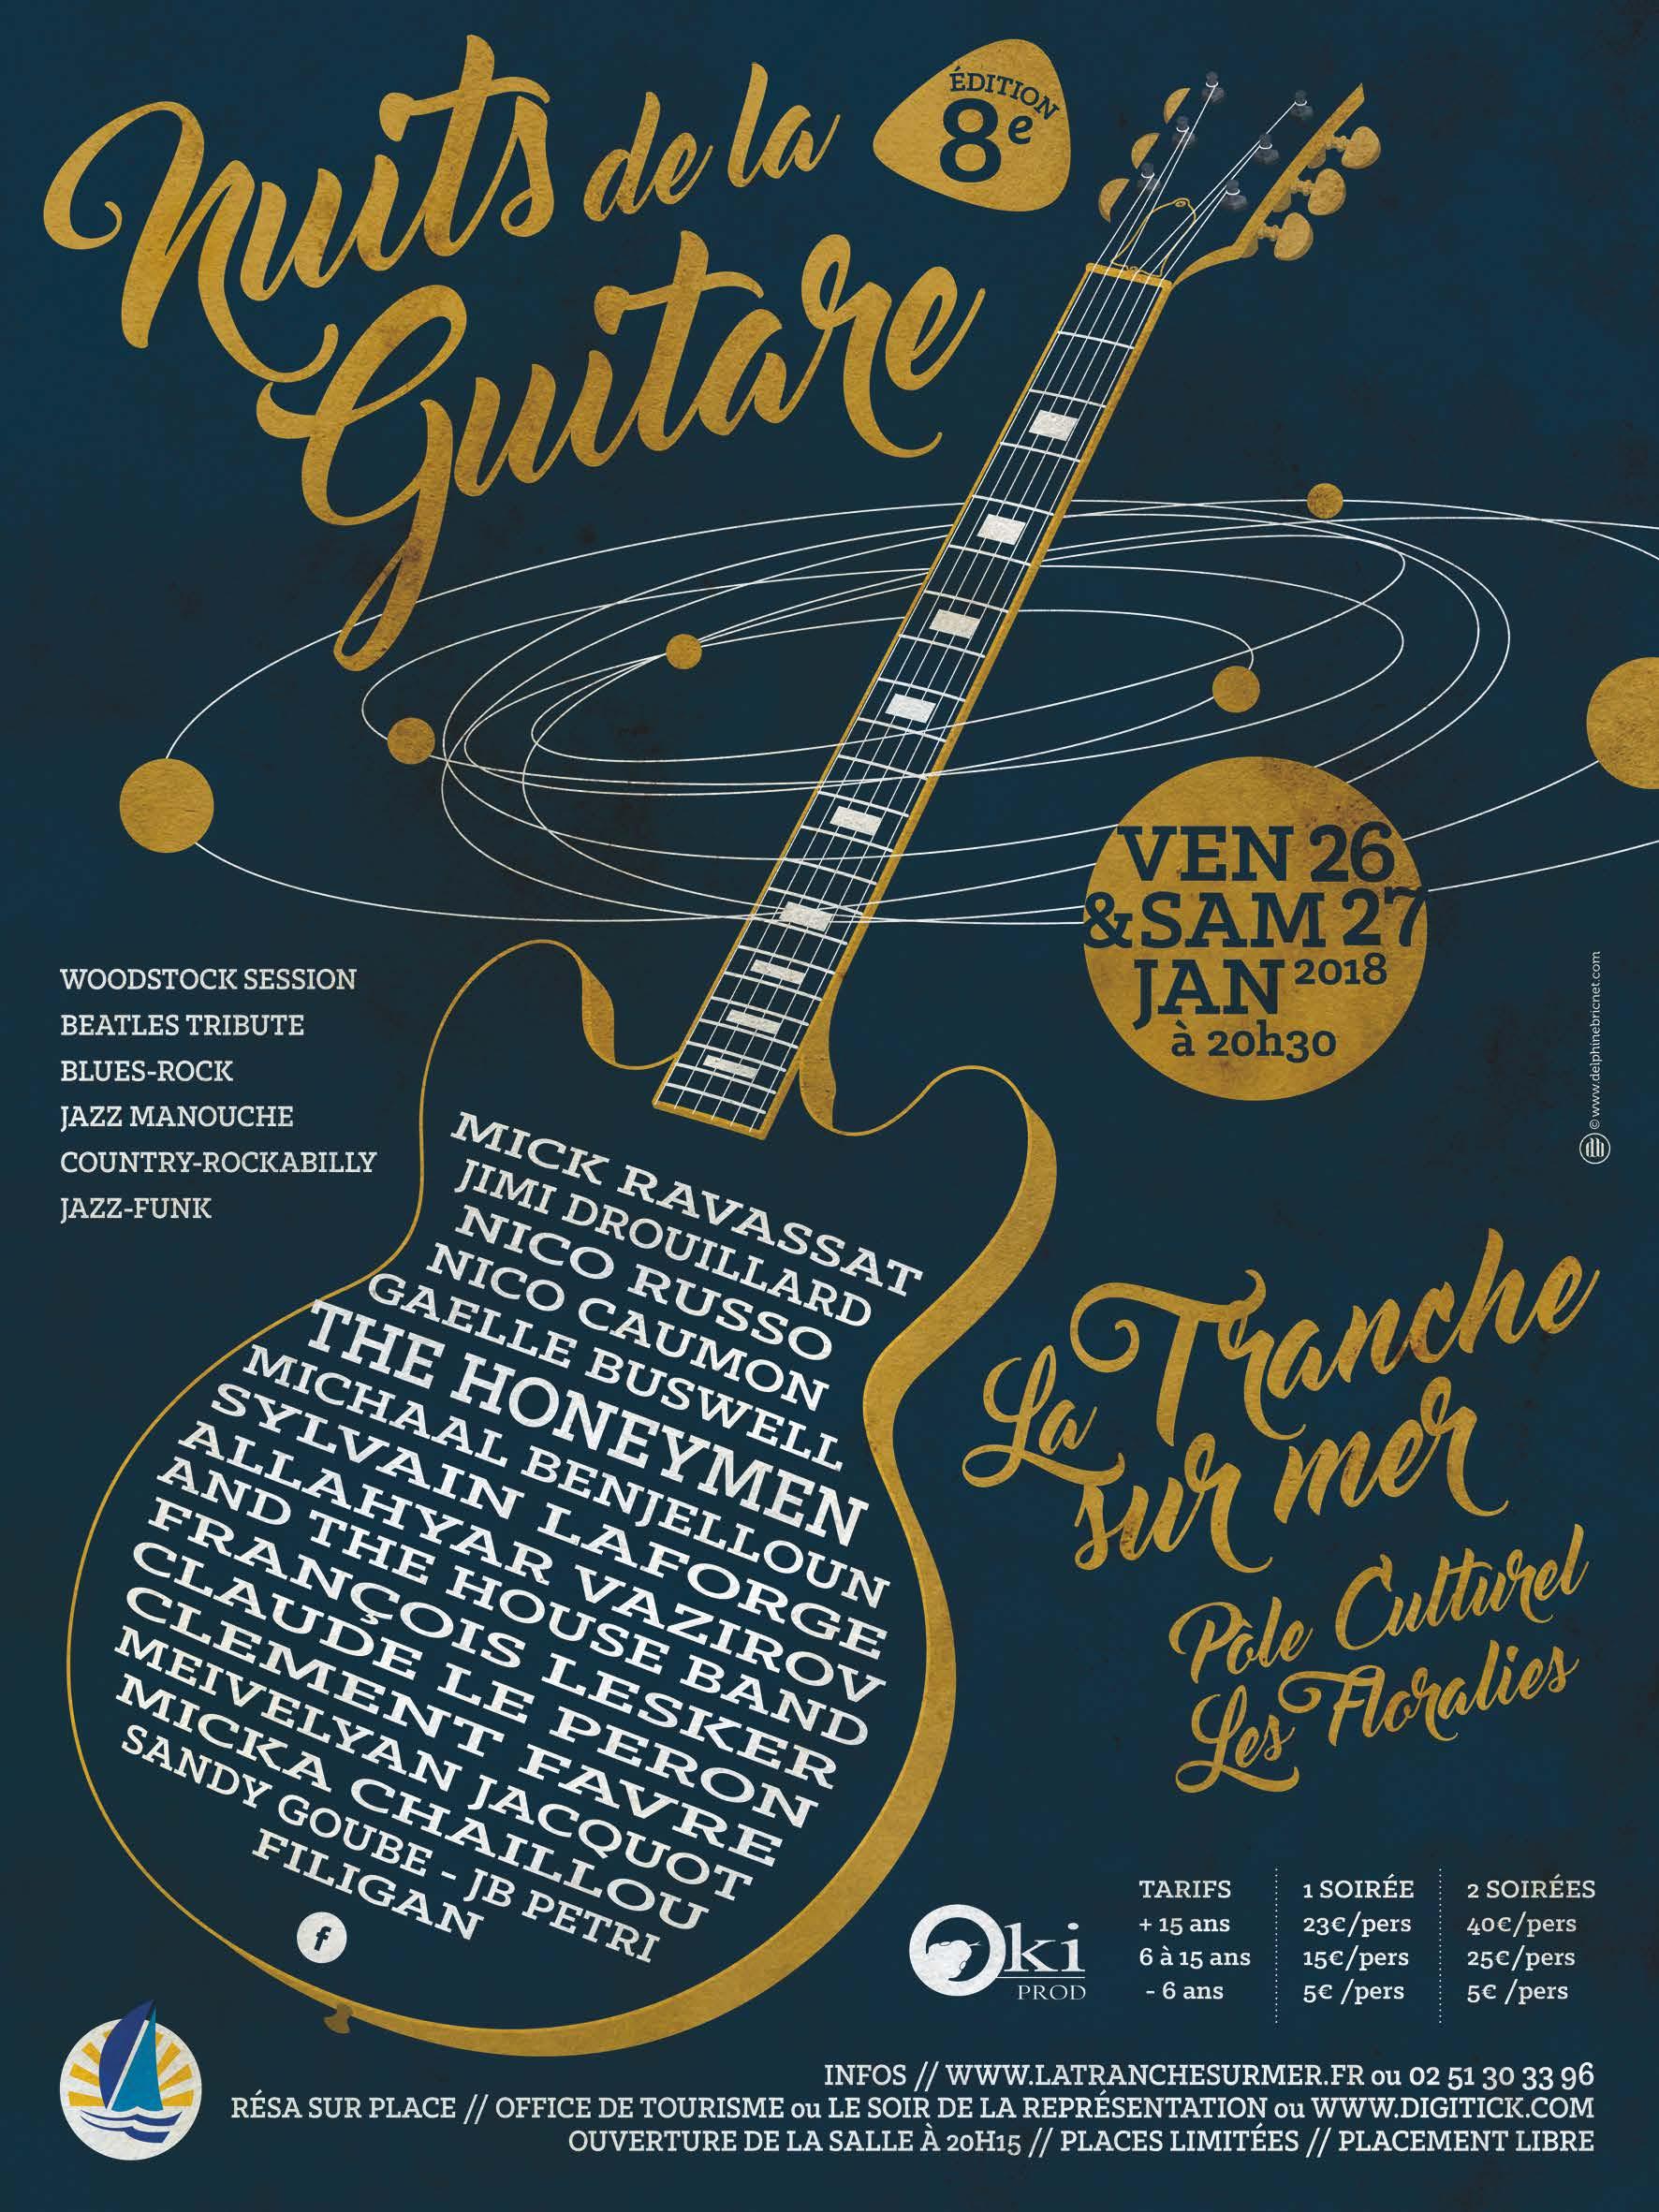 La Tranche-sur-Mer: nuit de la guitare les 26 et 27 janvier à 20h30